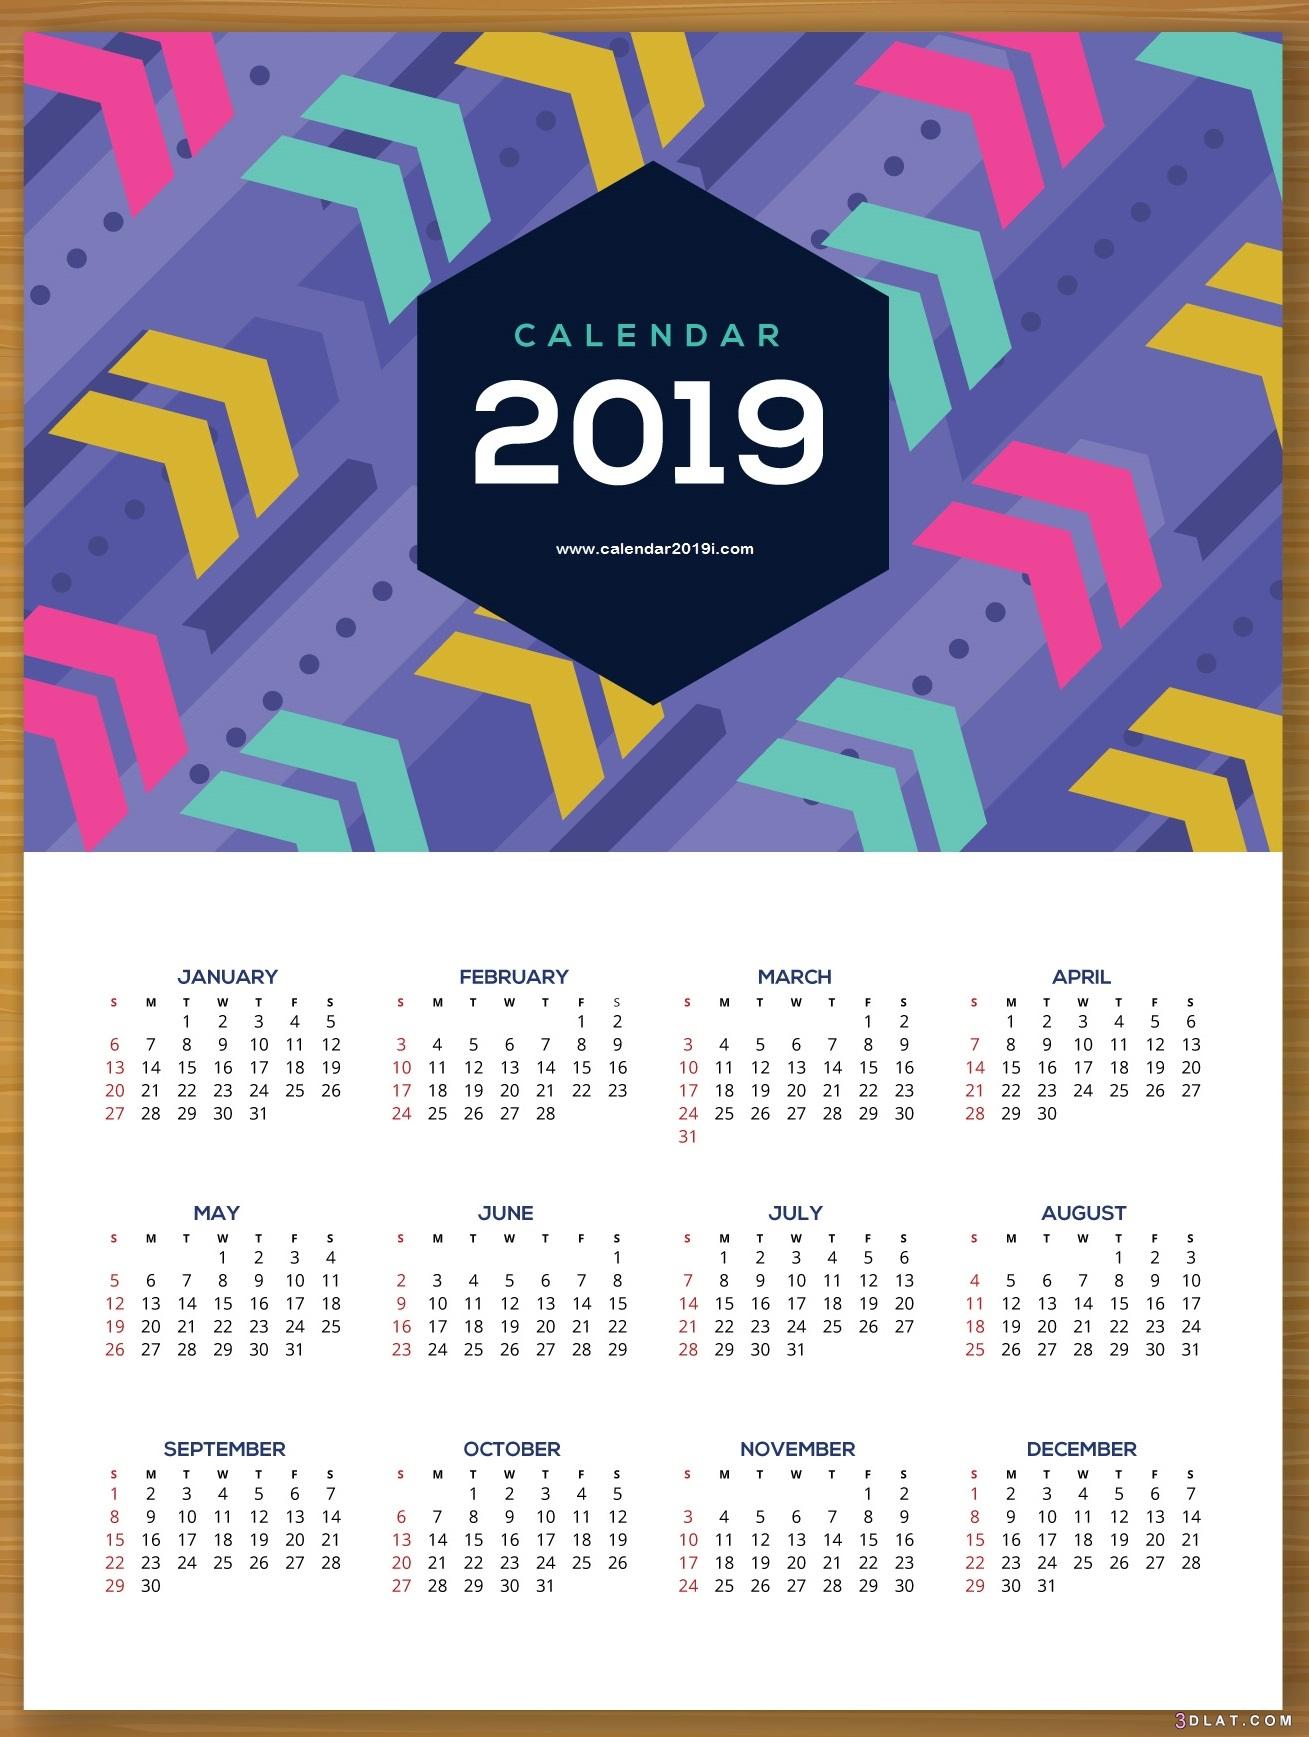 صورنتيجة لعام 2019نتيجة العام الميلادى 2019 3dlat.com_23_18_af2c